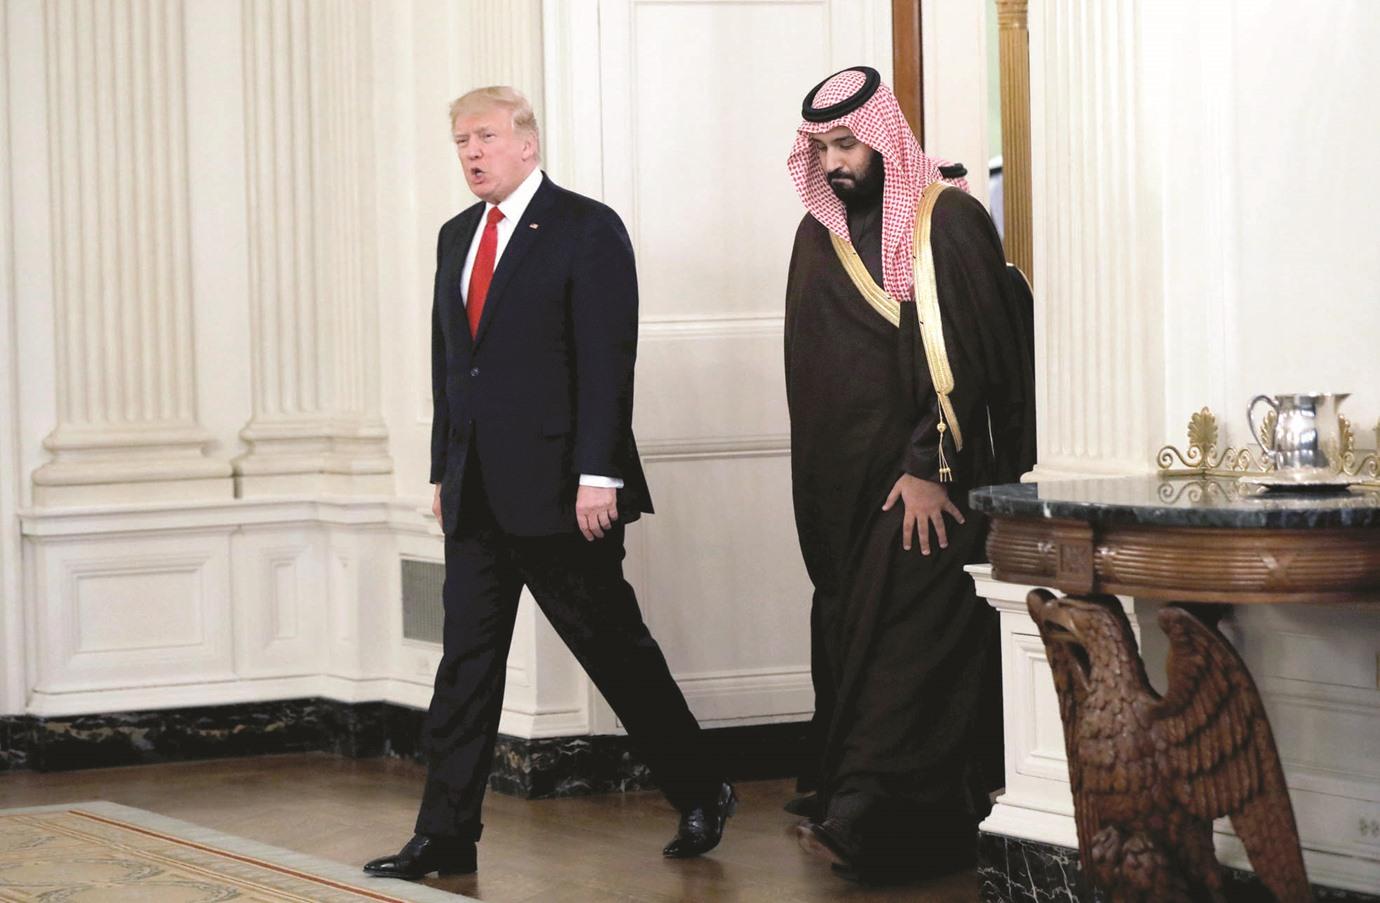 واشنطن بوست: على أمريكا إعادة توجيه علاقاتها مع النظام السعودي